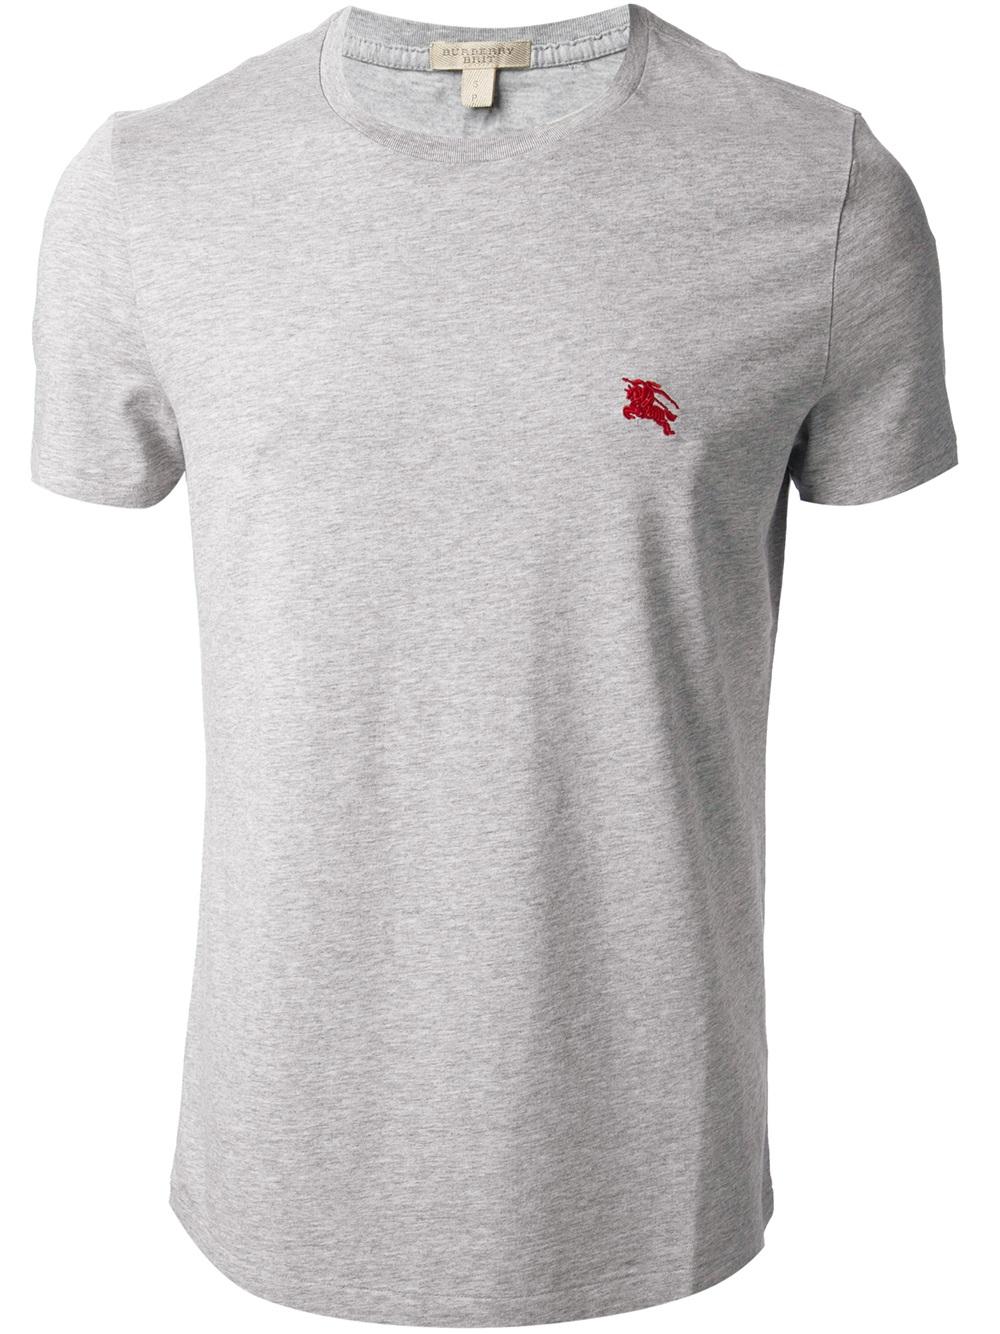 Burberry Design Shirt